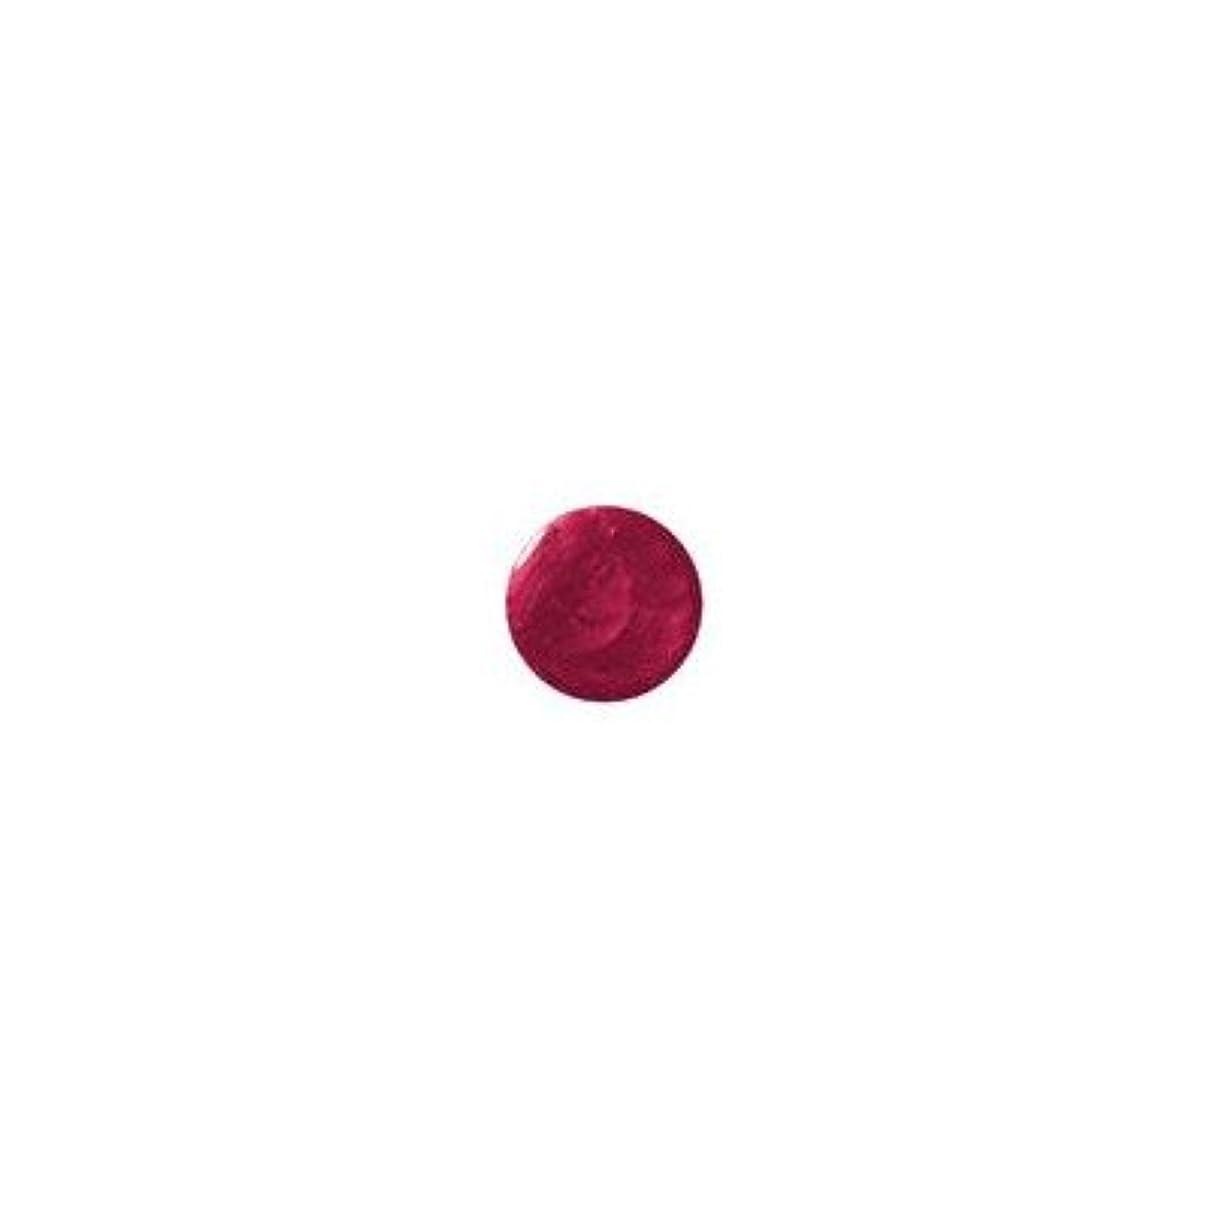 雑多なかけがえのないやむを得ないジェレレーション カラー463Fパッショネイトキッシーズ